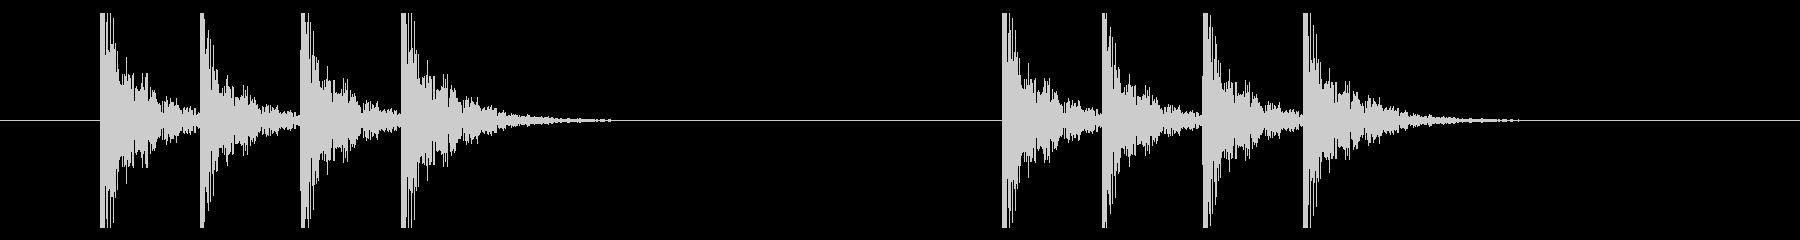 コンコンコンコン(ドアをノックする音)の未再生の波形